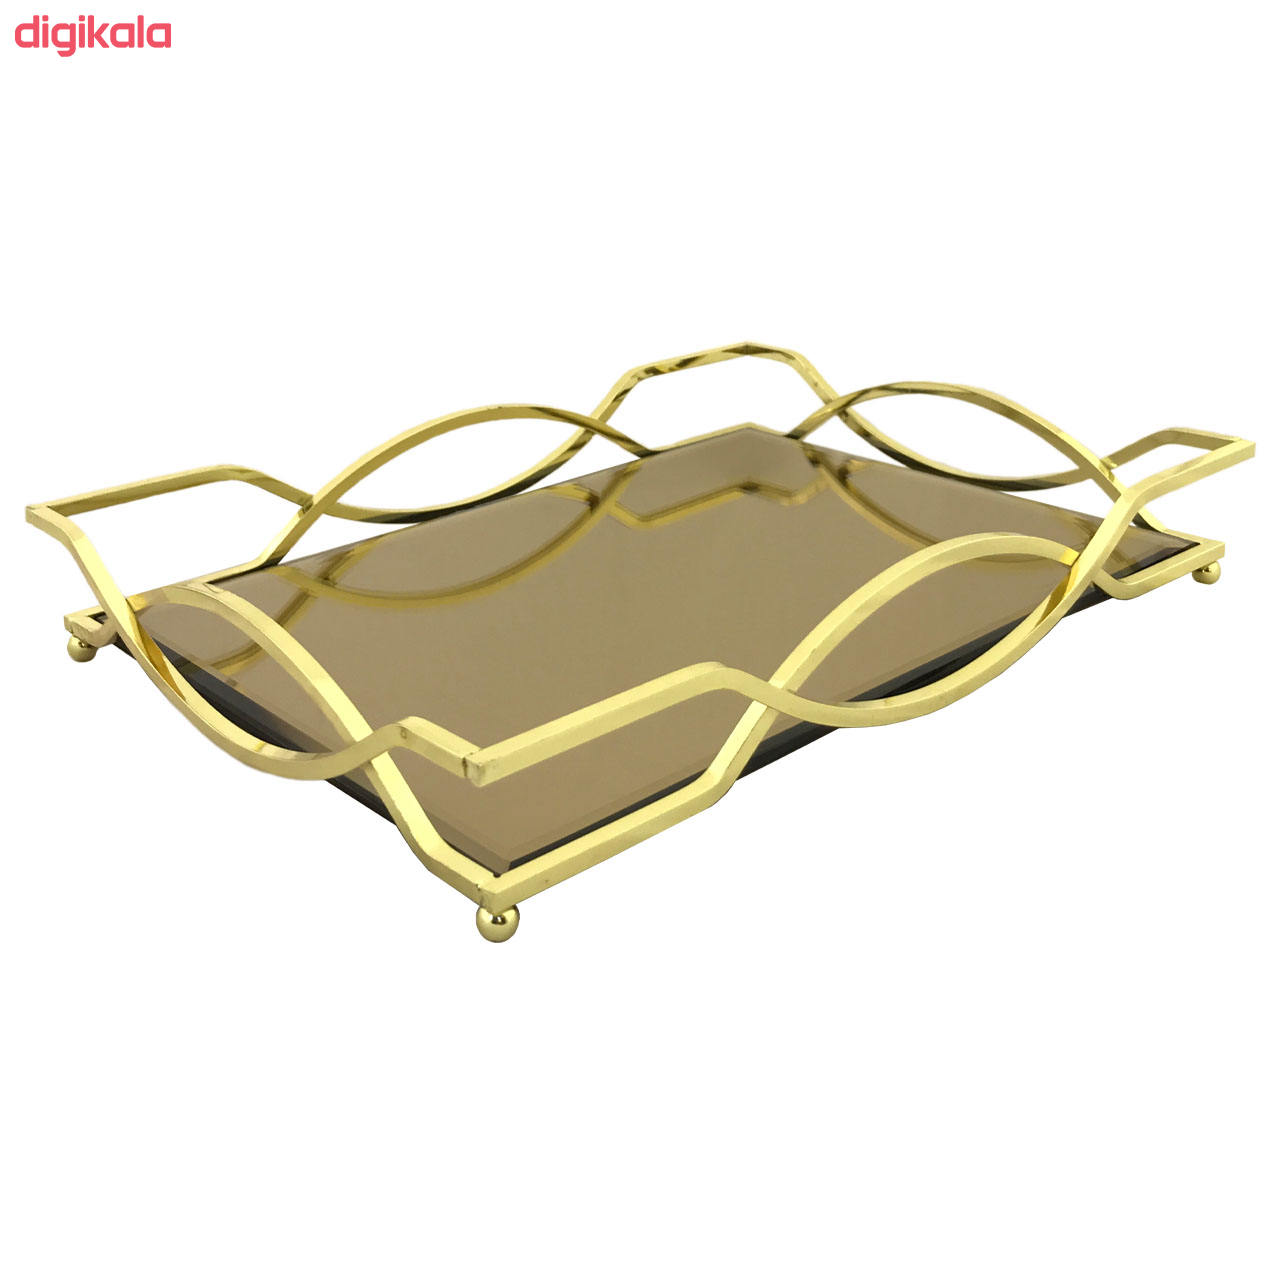 سینی مدل آینه ای کد 080070040 main 1 3